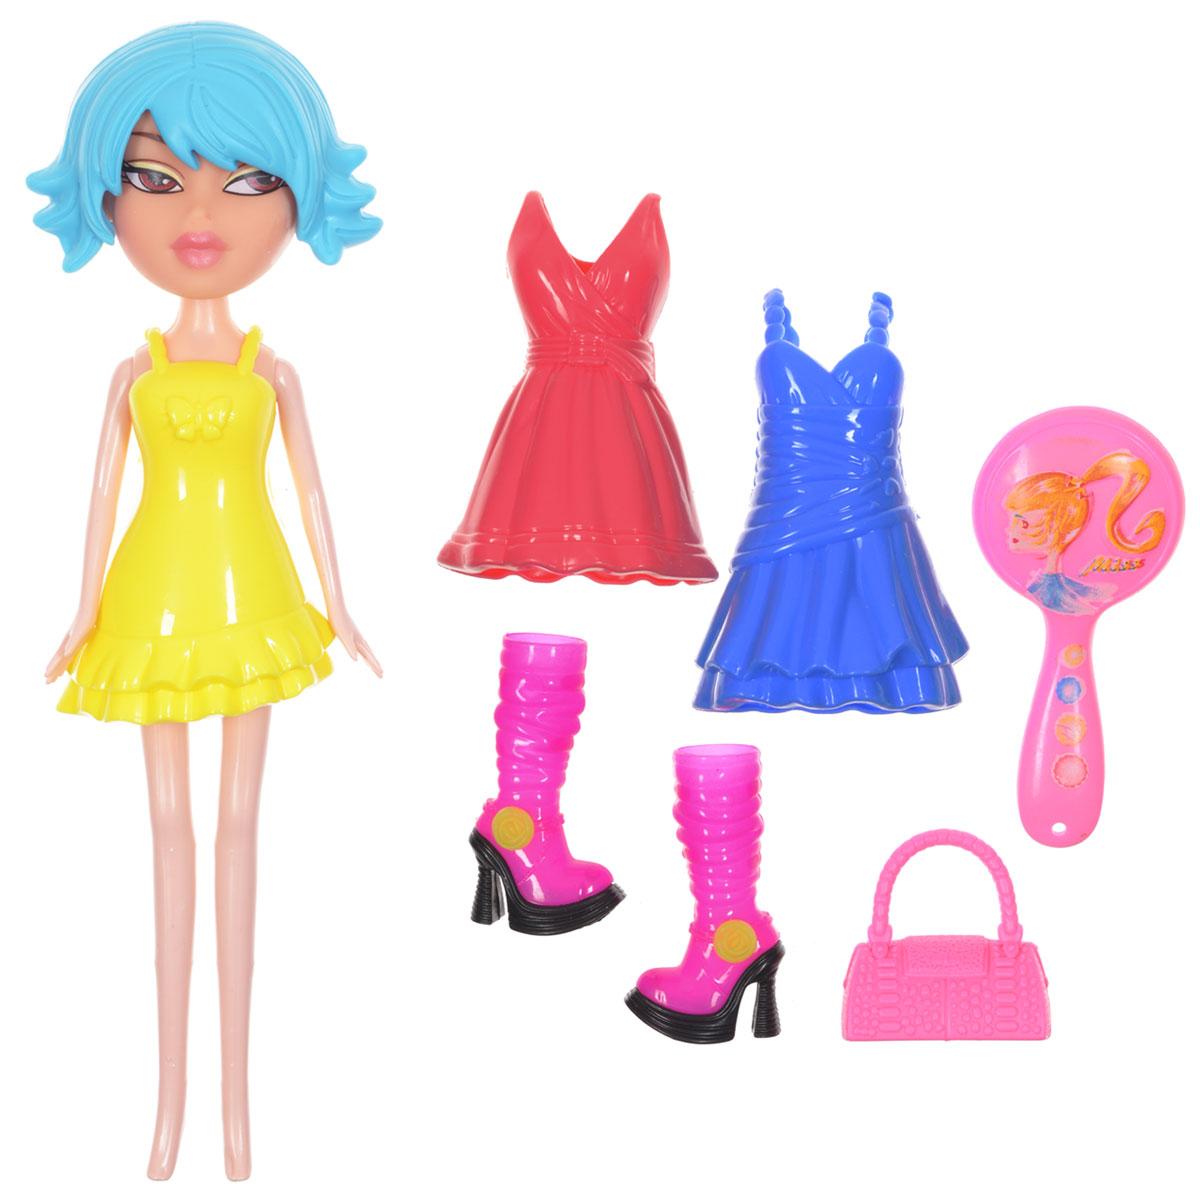 1TOY Кукла Красотка Фэшн с одеждой цвет платья желтыйТ57131Новая серия Красотка Фэшн - это оригинальные наборы кукол с одеждой и аксессуарами в стиле гламур. Кукла изготовлена из пластика, ее голова, ручки и ножки подвижны, что позволяет придавать ей разнообразные позы. Куколка одета в желтое пластиковое платье, но легко может сменить его на синее или красное. В наборе с Красоткой имеются розовая сумочка, расческа и оригинальные розовые сапоги на высоких каблуках. Благодаря играм с куклой ваша малышка сможет развить фантазию и любознательность, овладеть навыками общения и научиться ответственности, а дополнительные аксессуары сделают игру еще увлекательнее. Порадуйте свою принцессу таким прекрасным подарком!